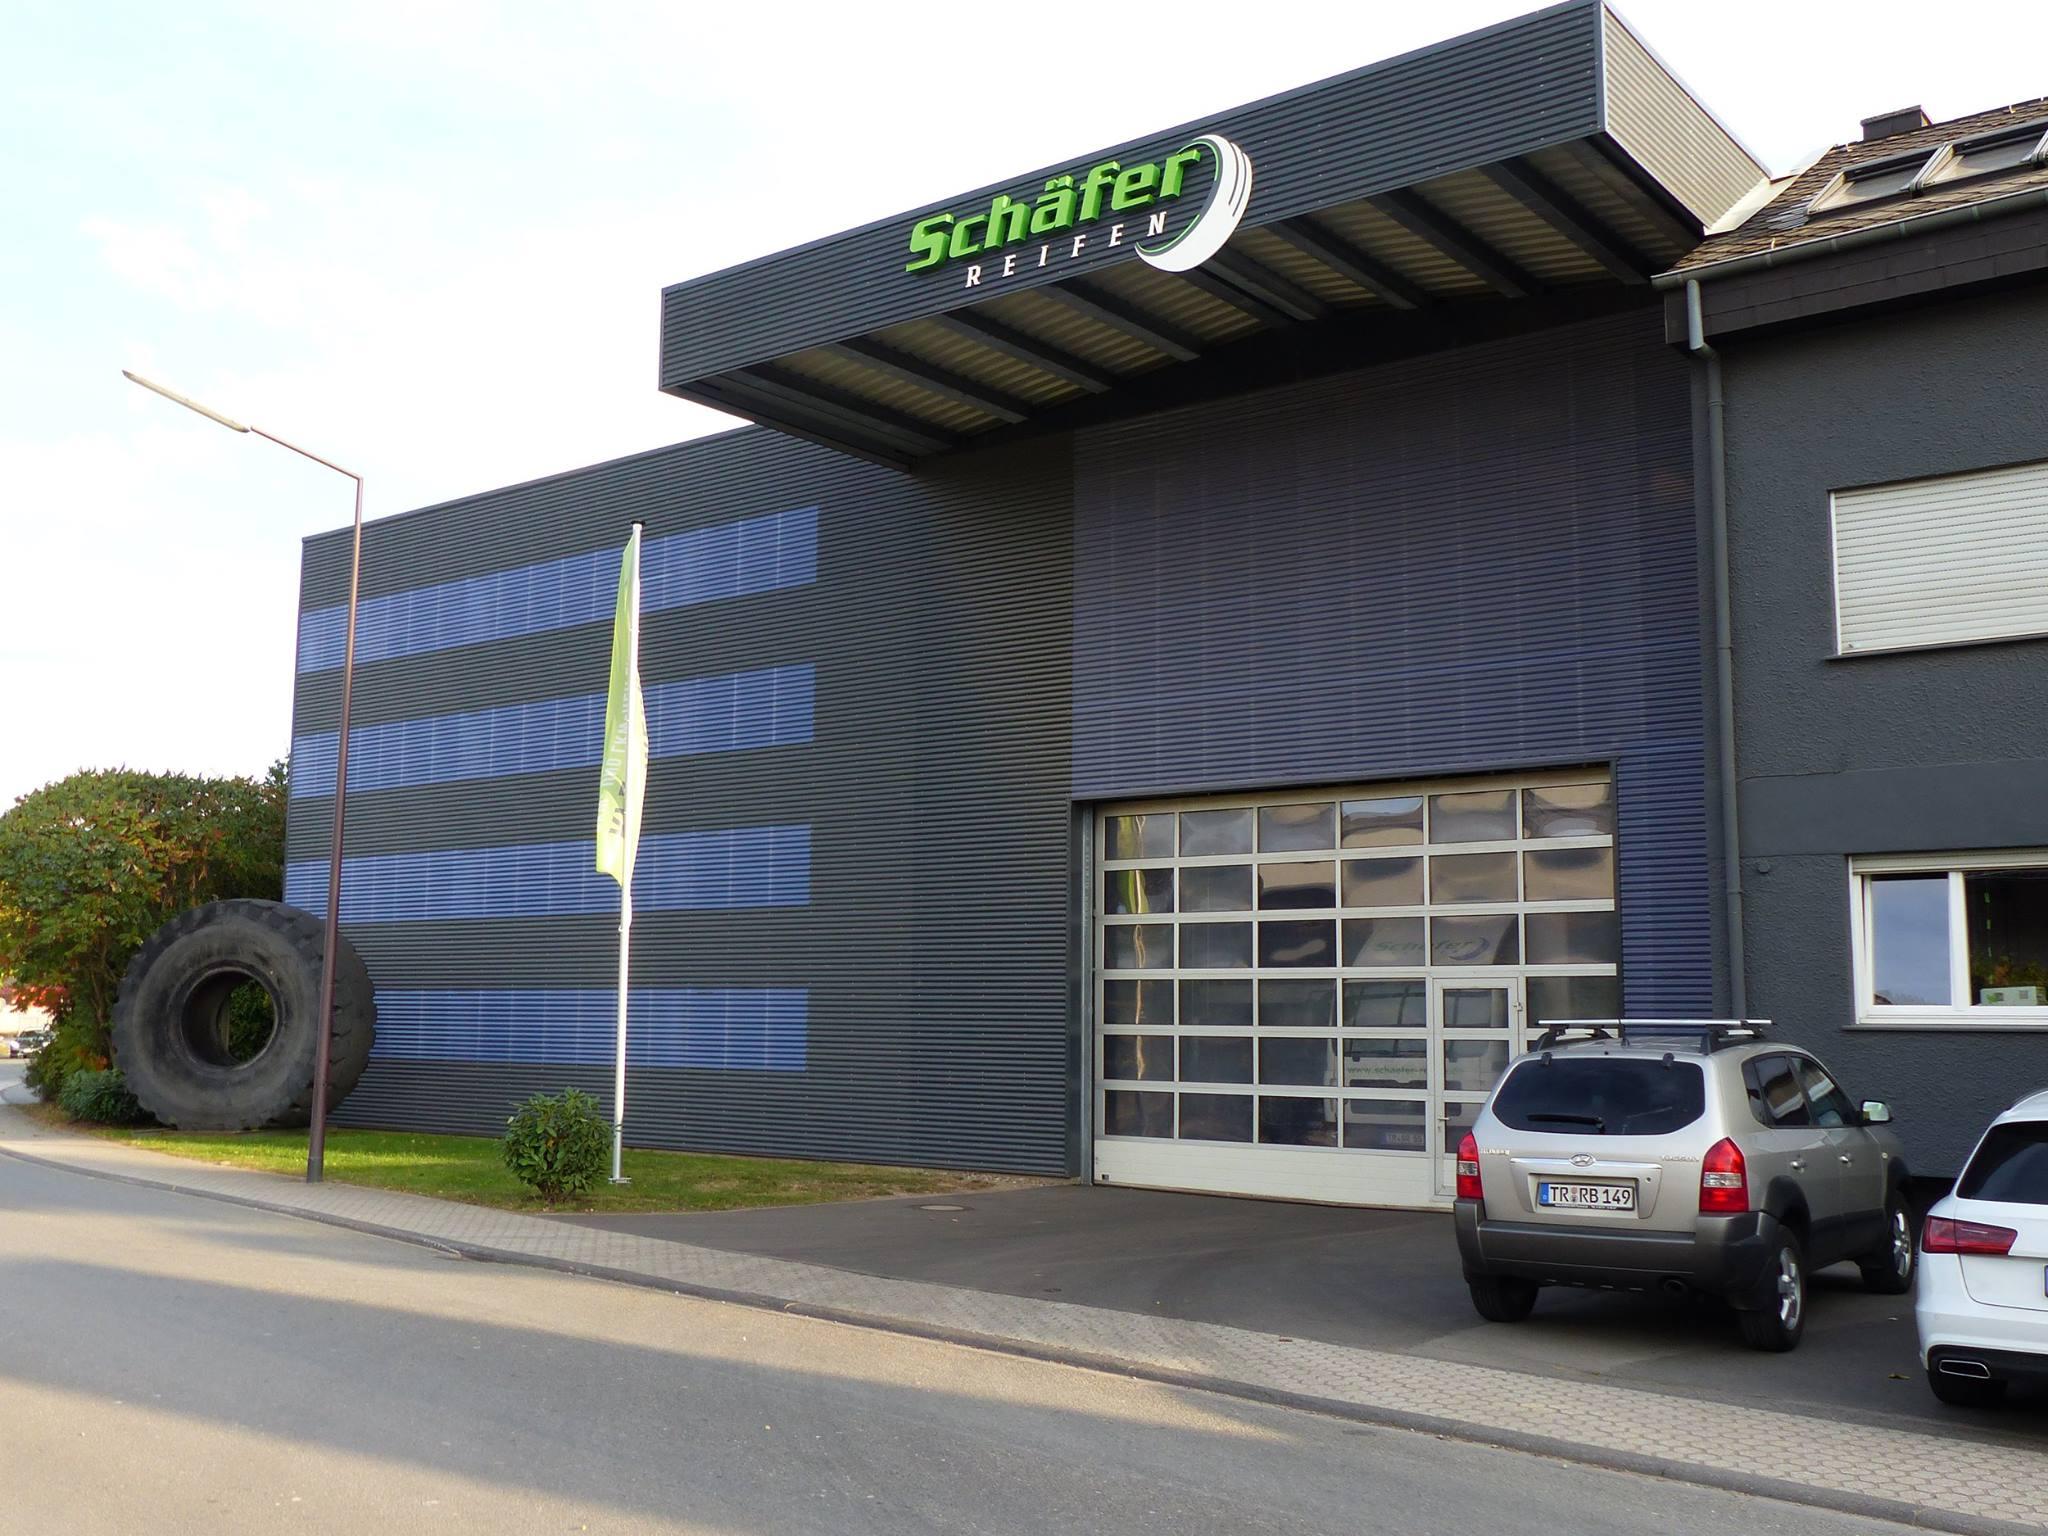 Das Vereinsprojekt » Schäfer Reifenfachhandel GmbH, 8.8.8